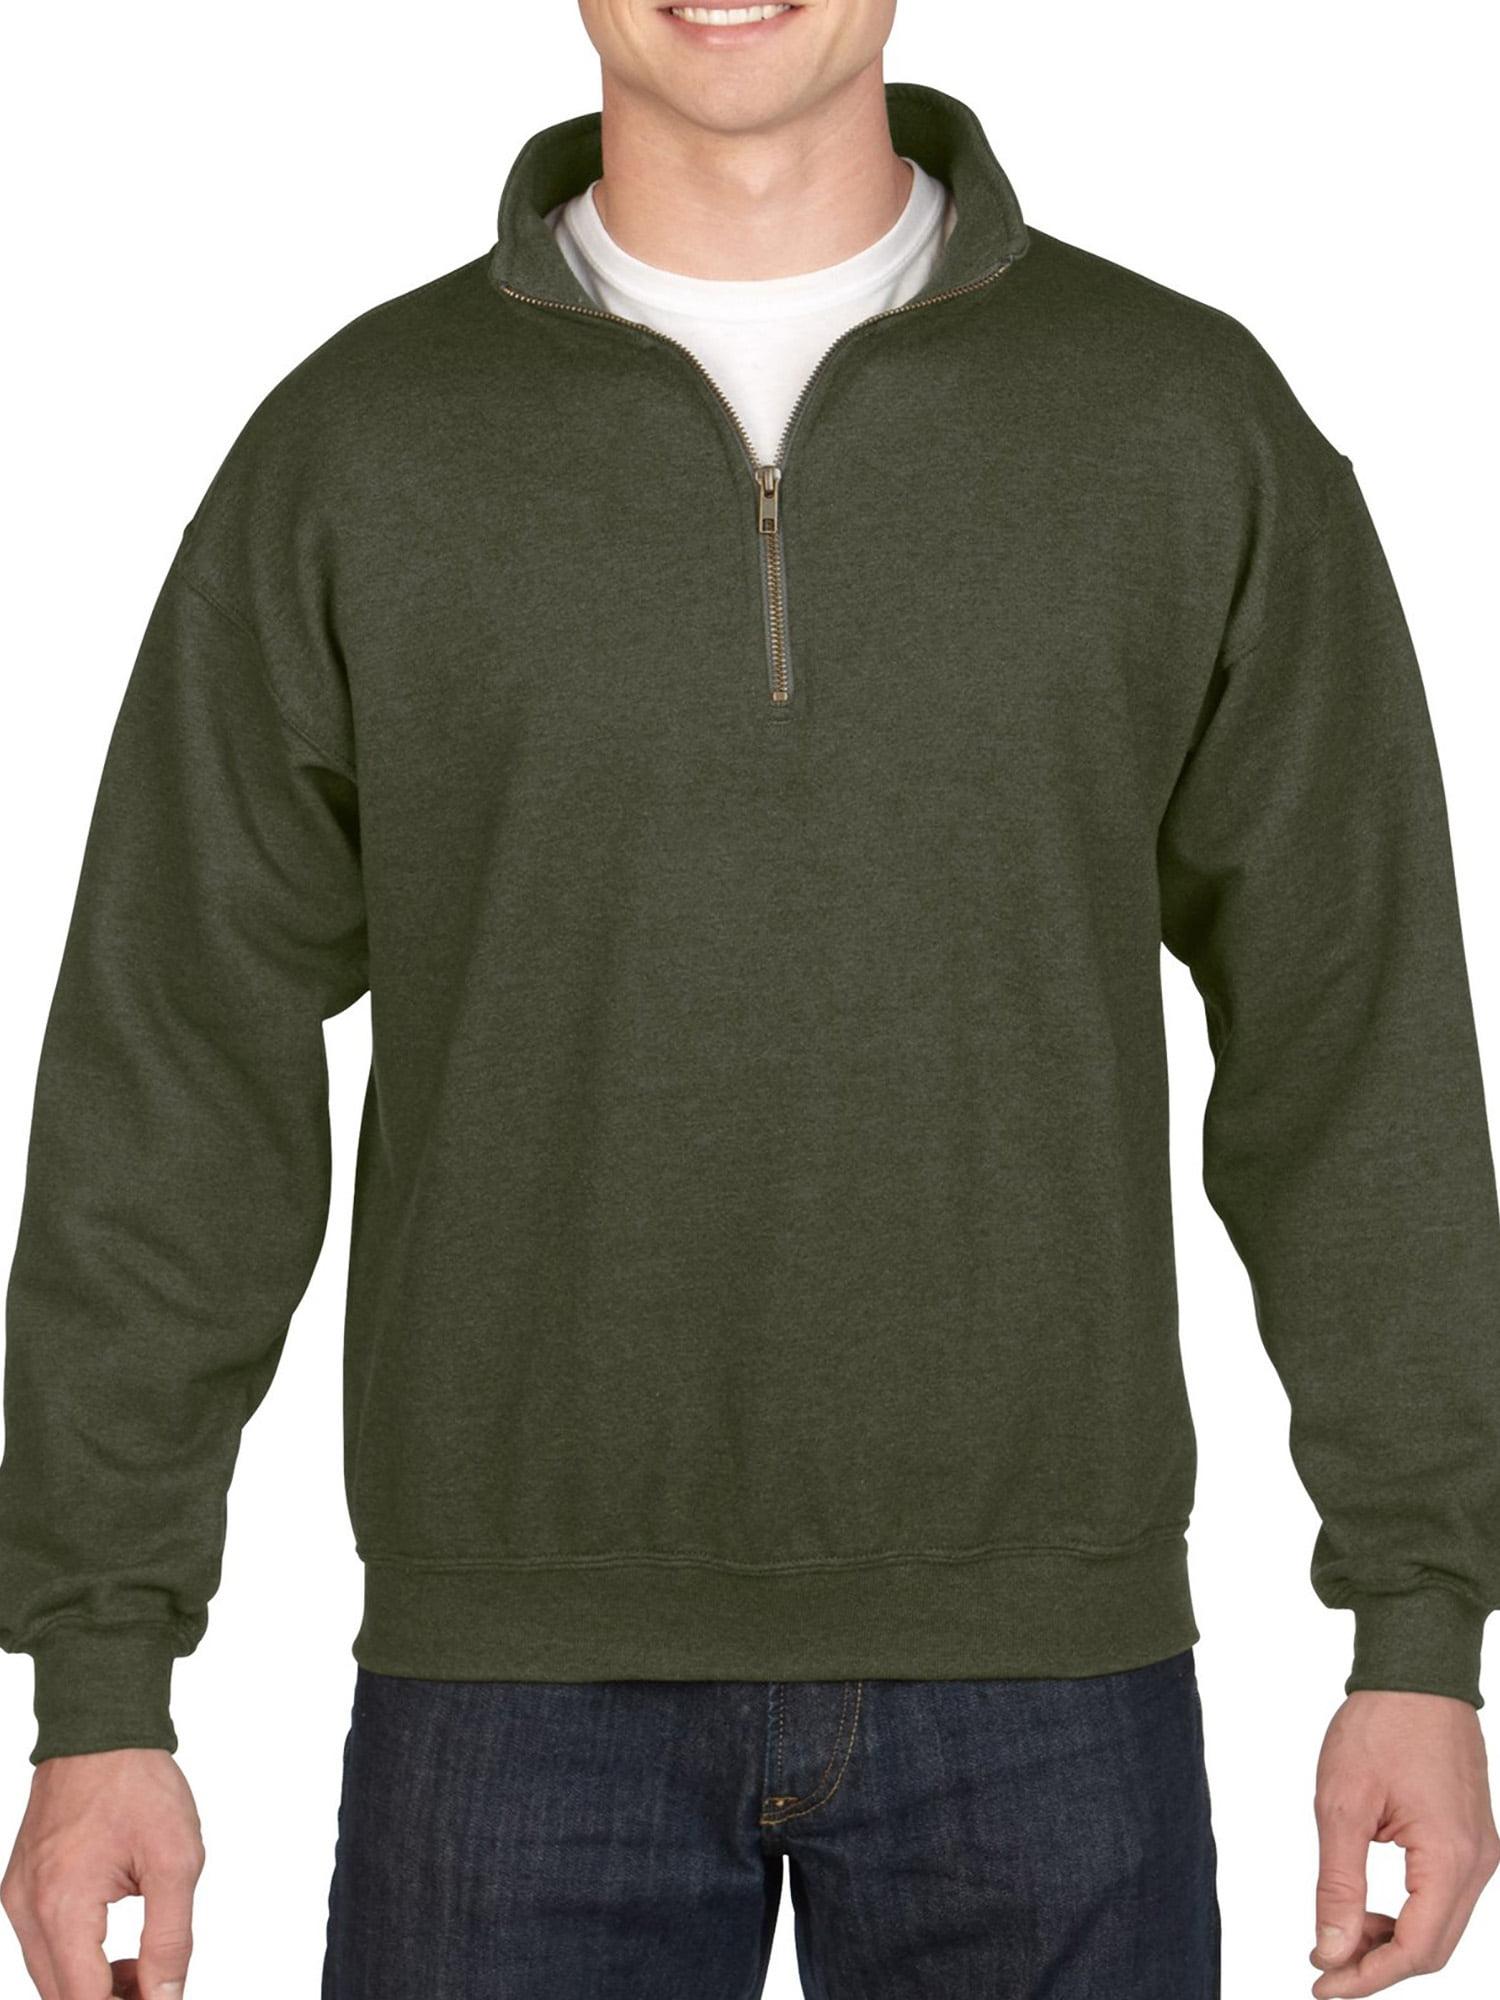 poriff Mens Micro Fleece Pullover Sweater Quarter Zip Cadet Collar Sweatshirt